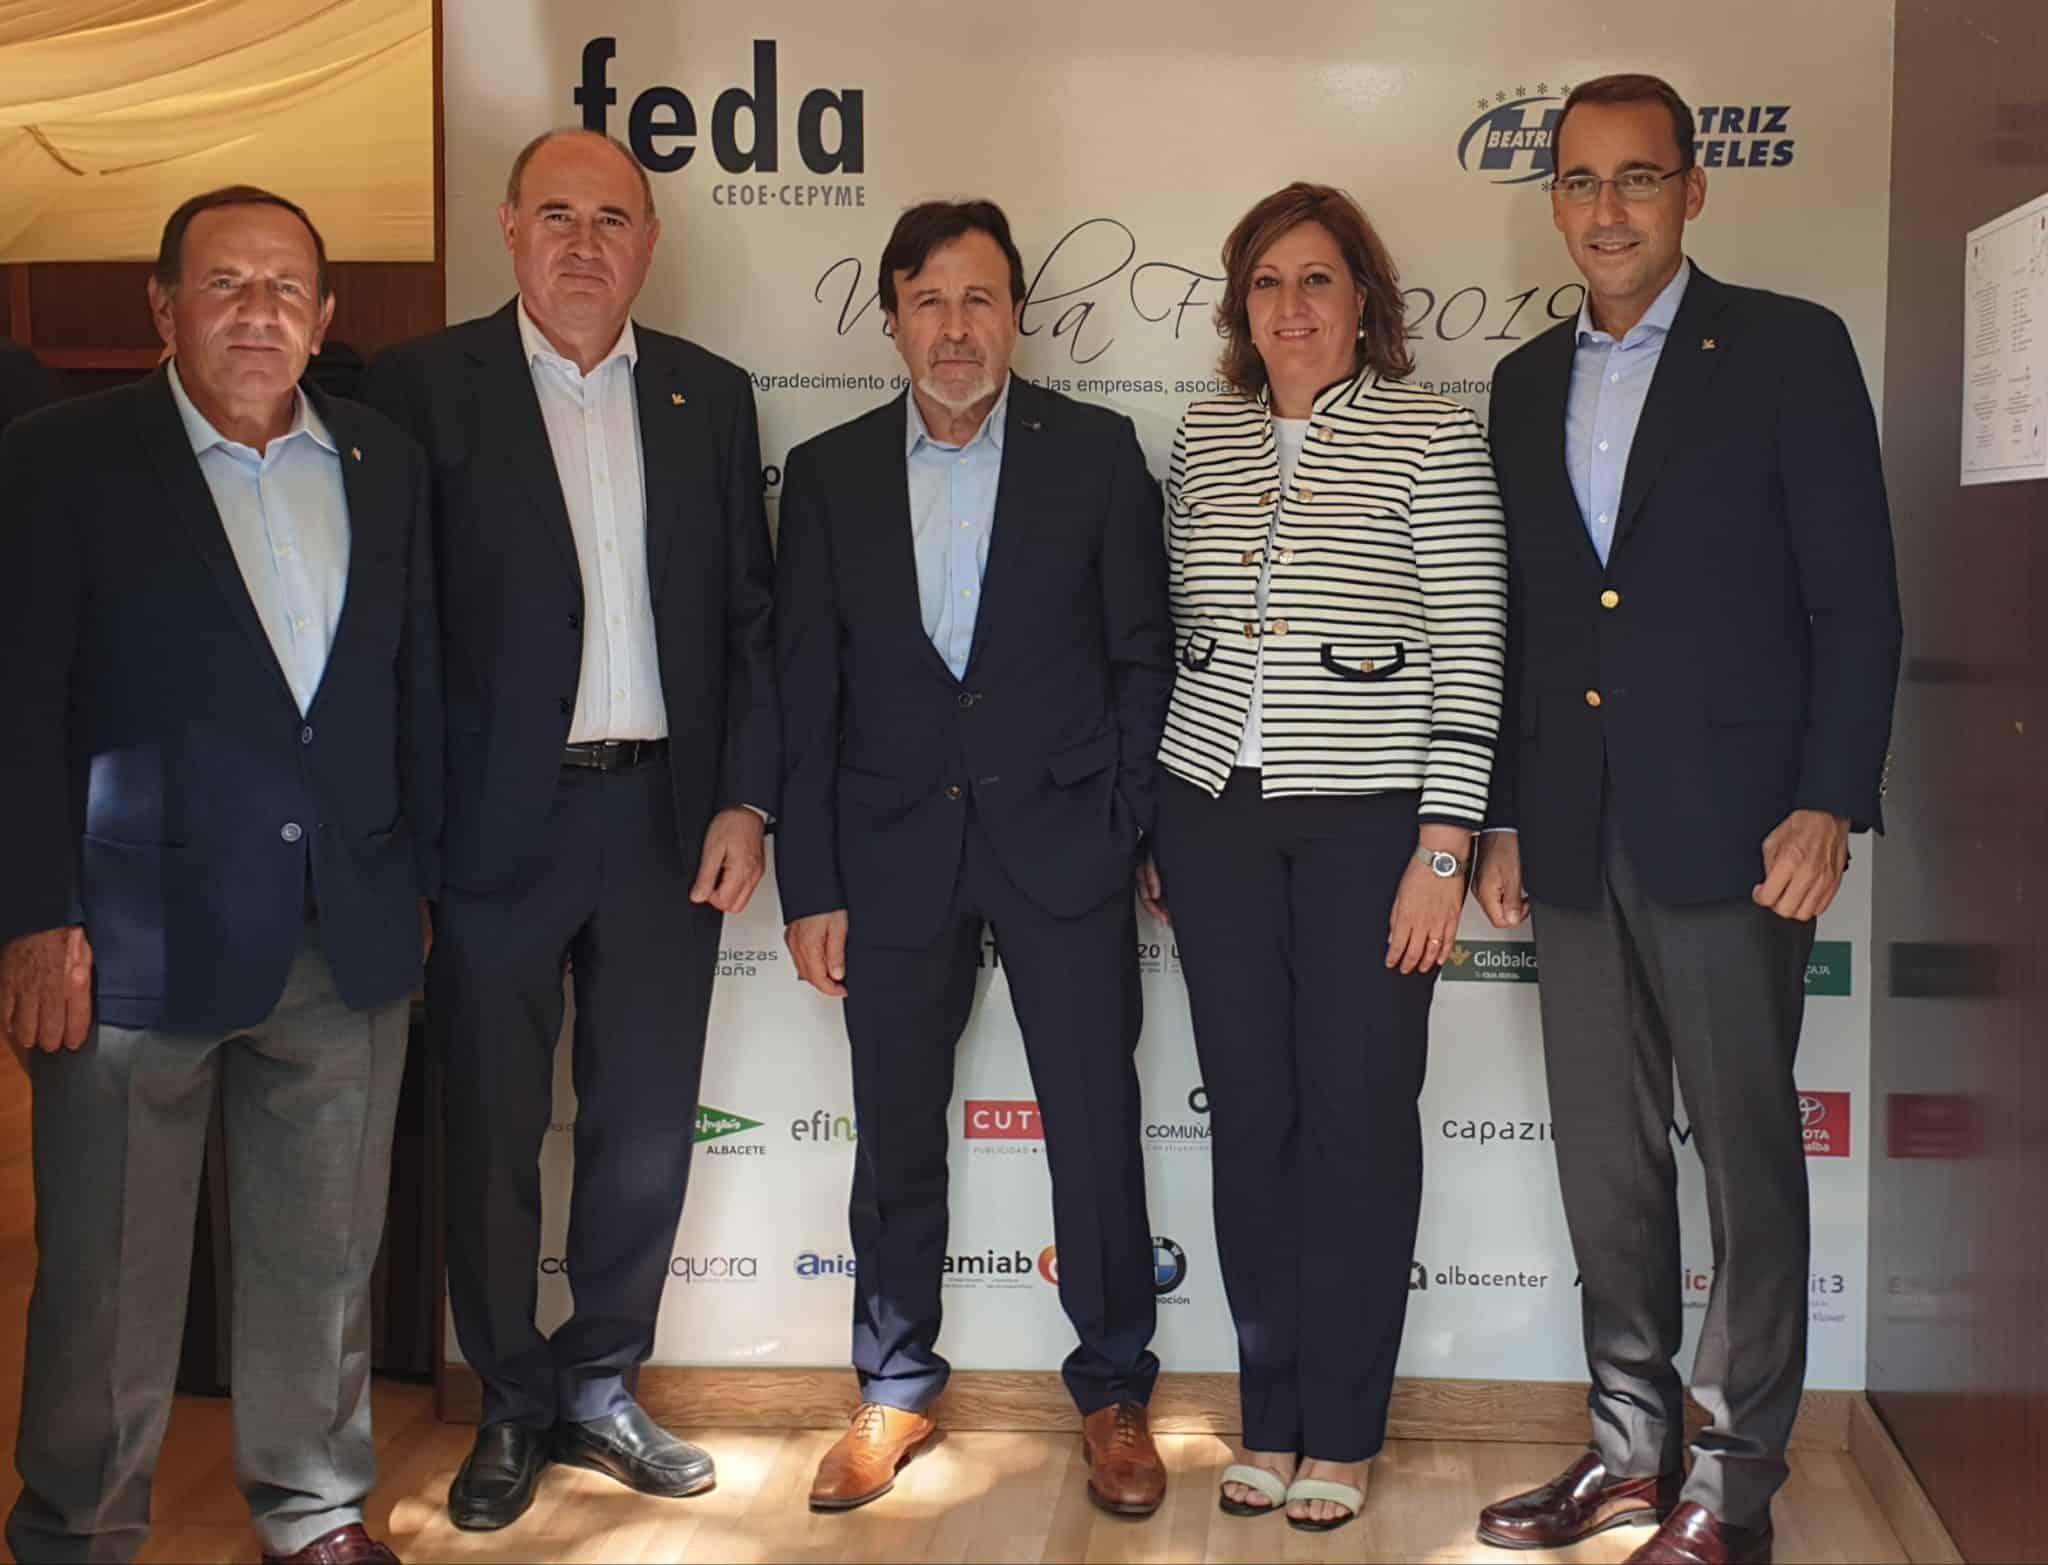 https://blog.globalcaja.es/wp-content/uploads/2019/09/Globalcaja-en-la-caseta-de-FEDA.jpg